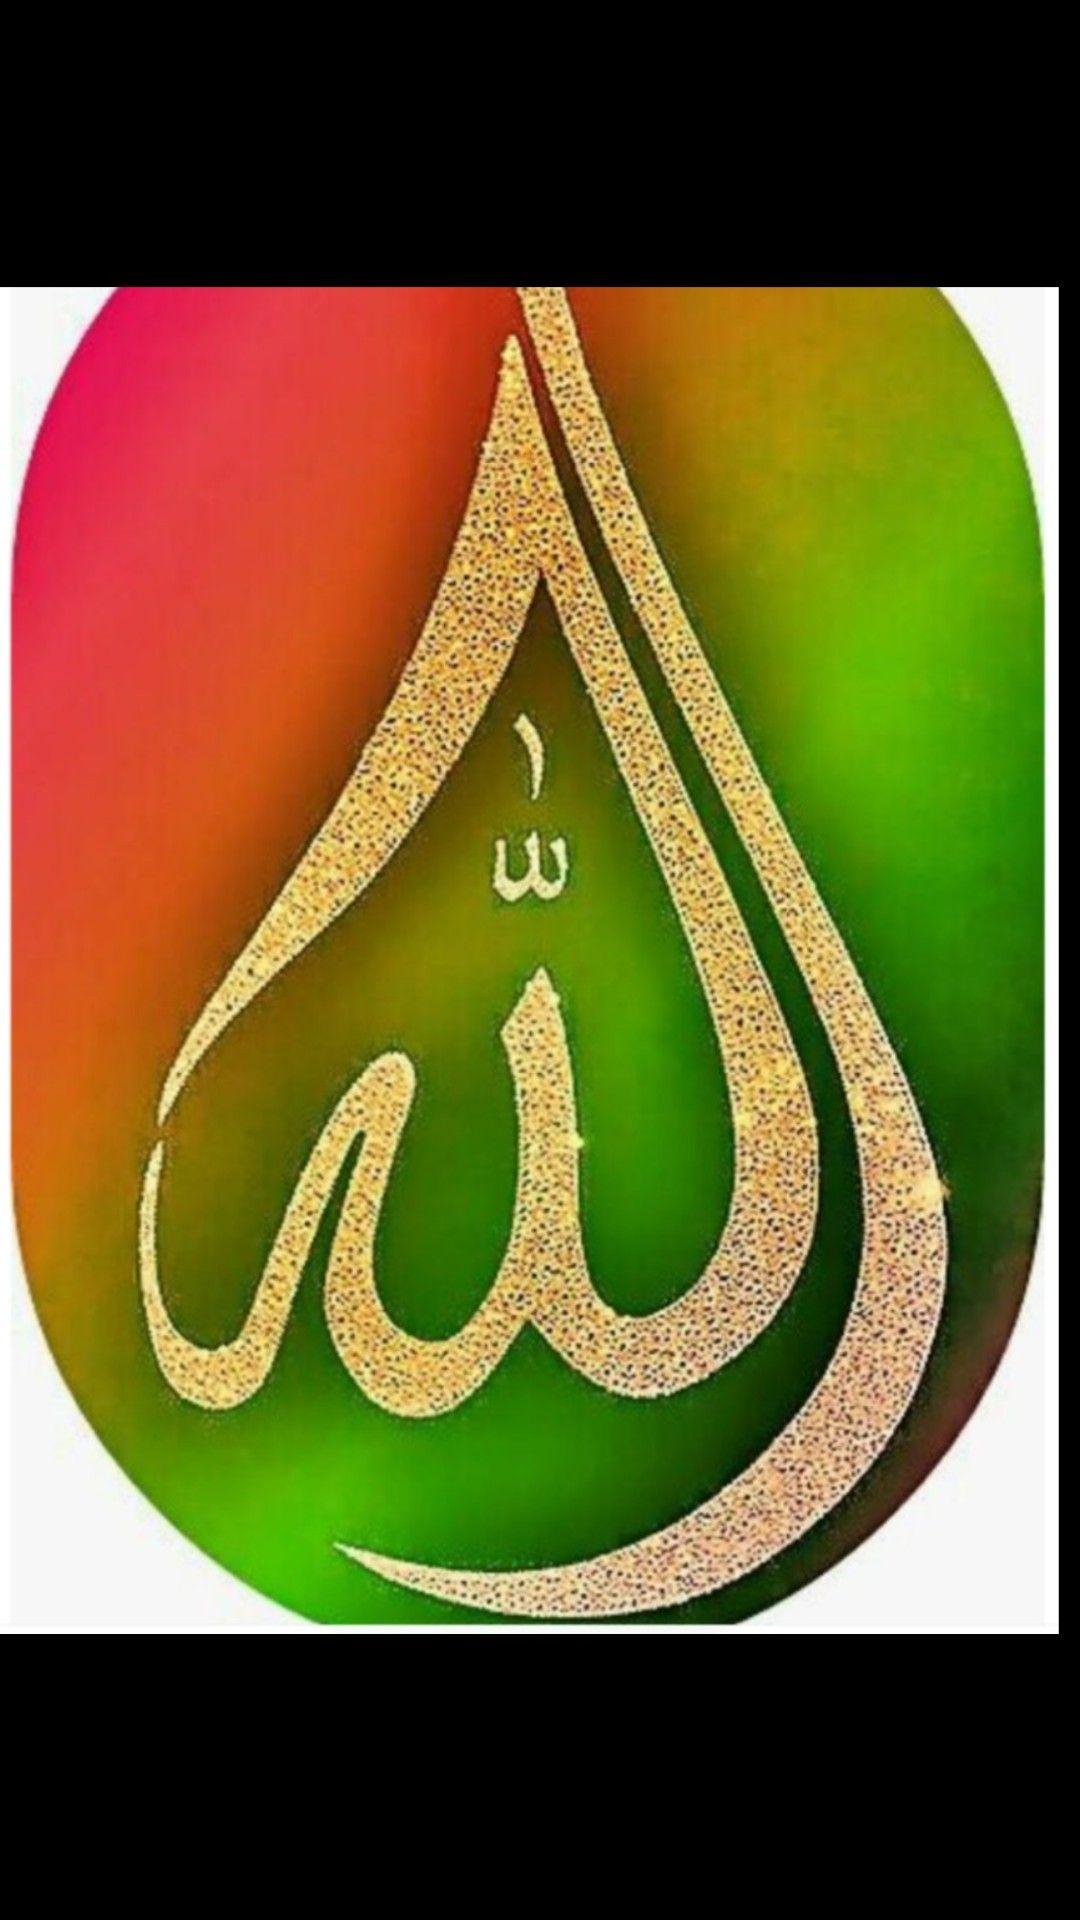 Pin Oleh Ghayur Di Allah Swt Seni Kaligrafi Seni Kaligrafi